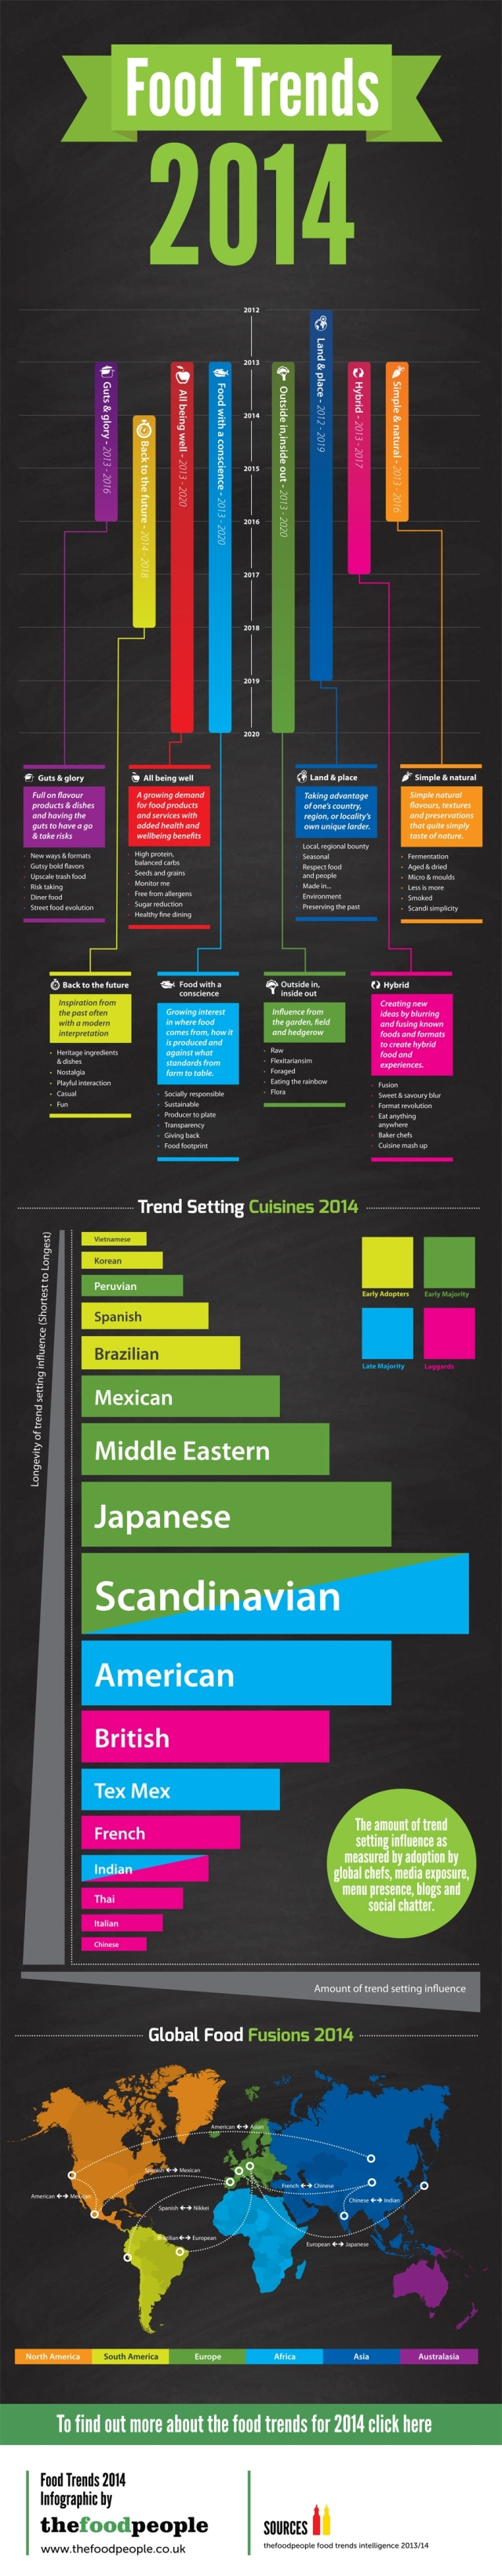 Food_Trends_2014